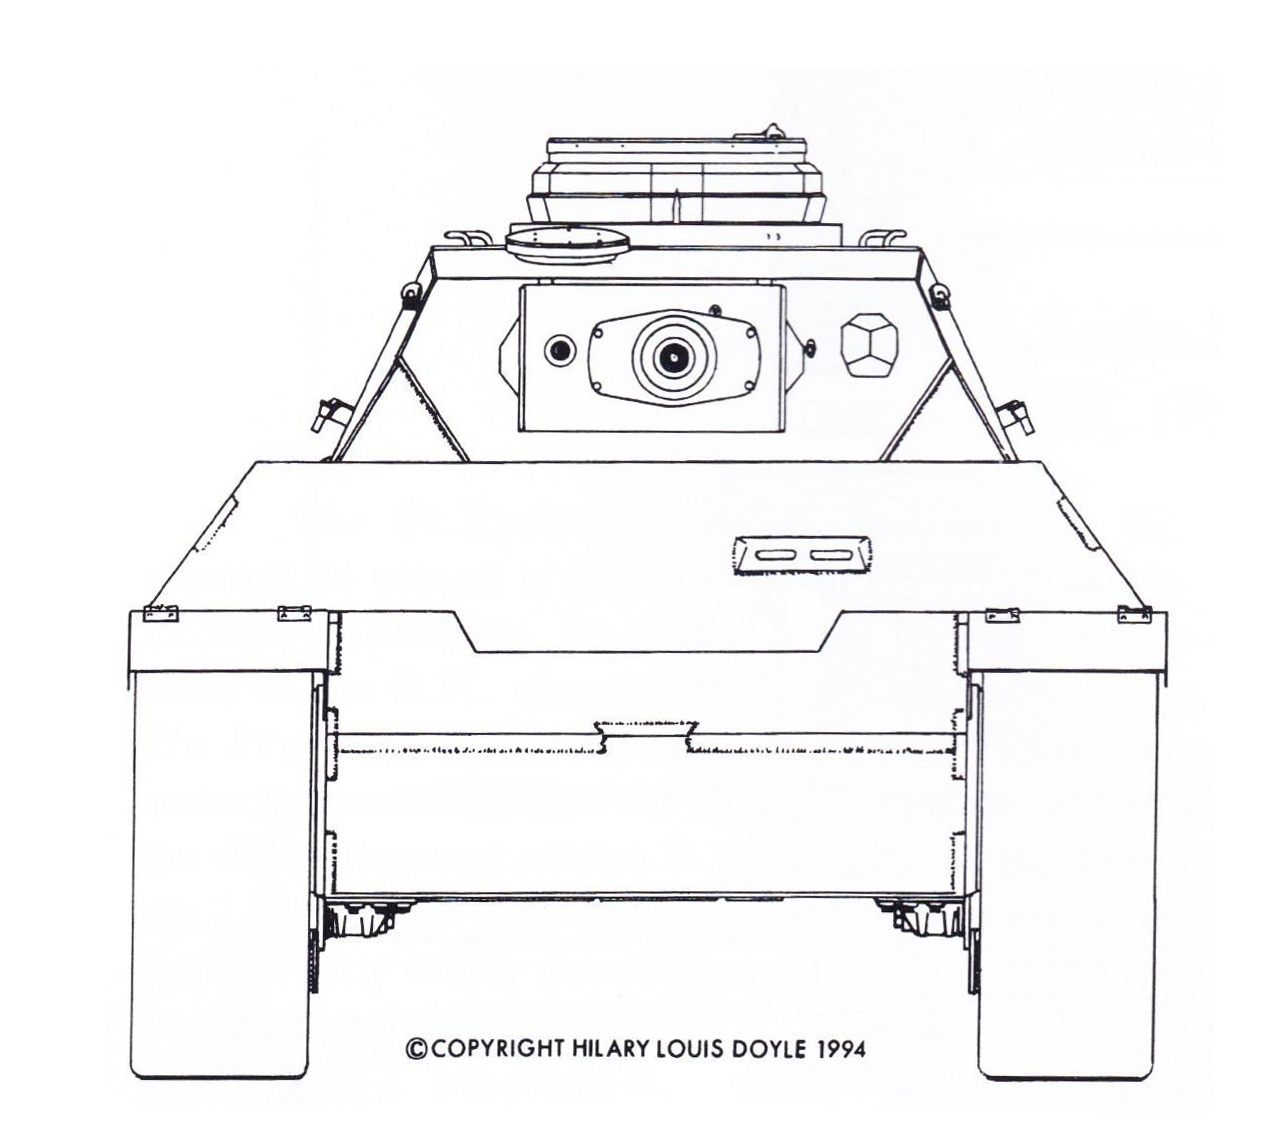 Panzerkampfwagen III/IV